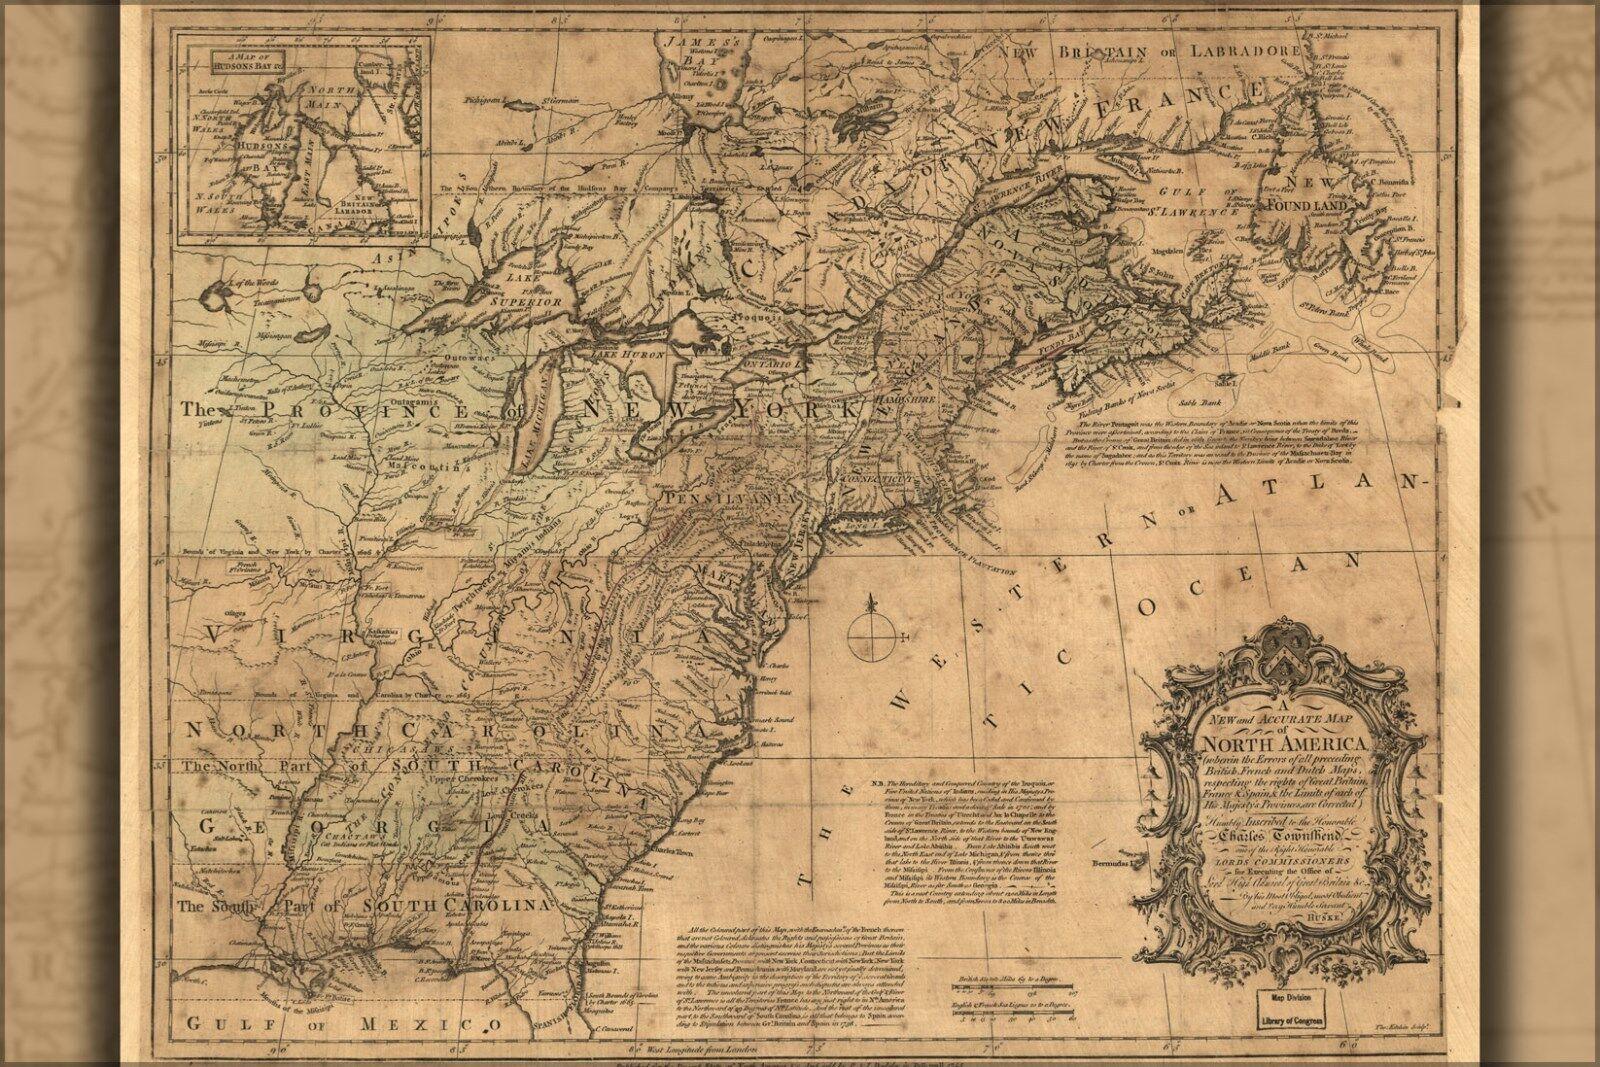 Plakat, Viele Größen; Karte von North America vor Vereinigte Staaten 1755